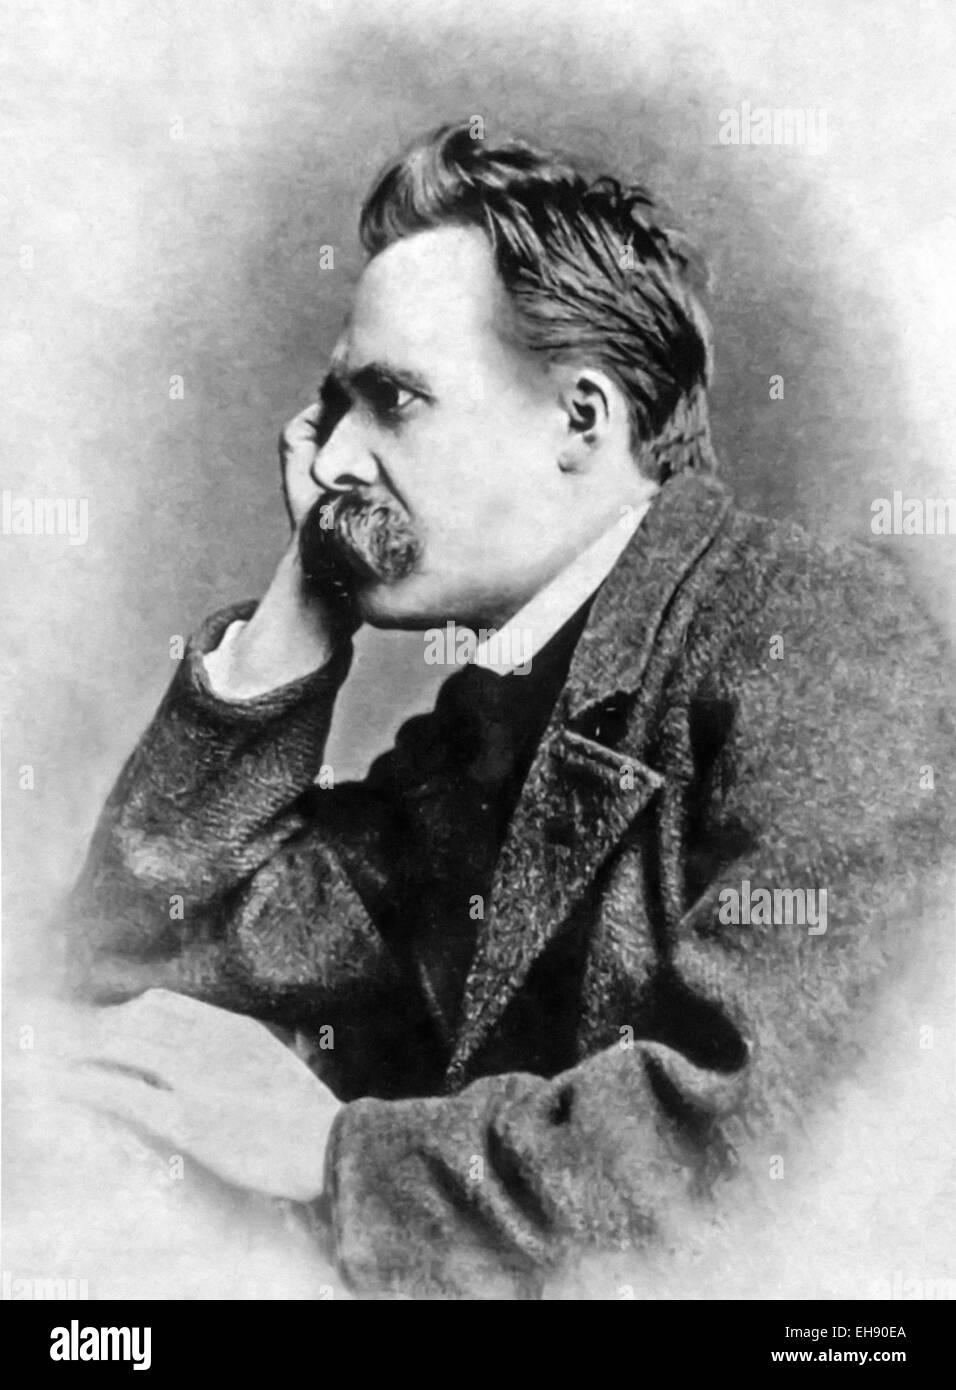 Friedrich Wilhelm Nietzsche (1844-1900), deutscher Philosoph, Dichter und Schriftsteller. Siehe Beschreibung für Stockfoto